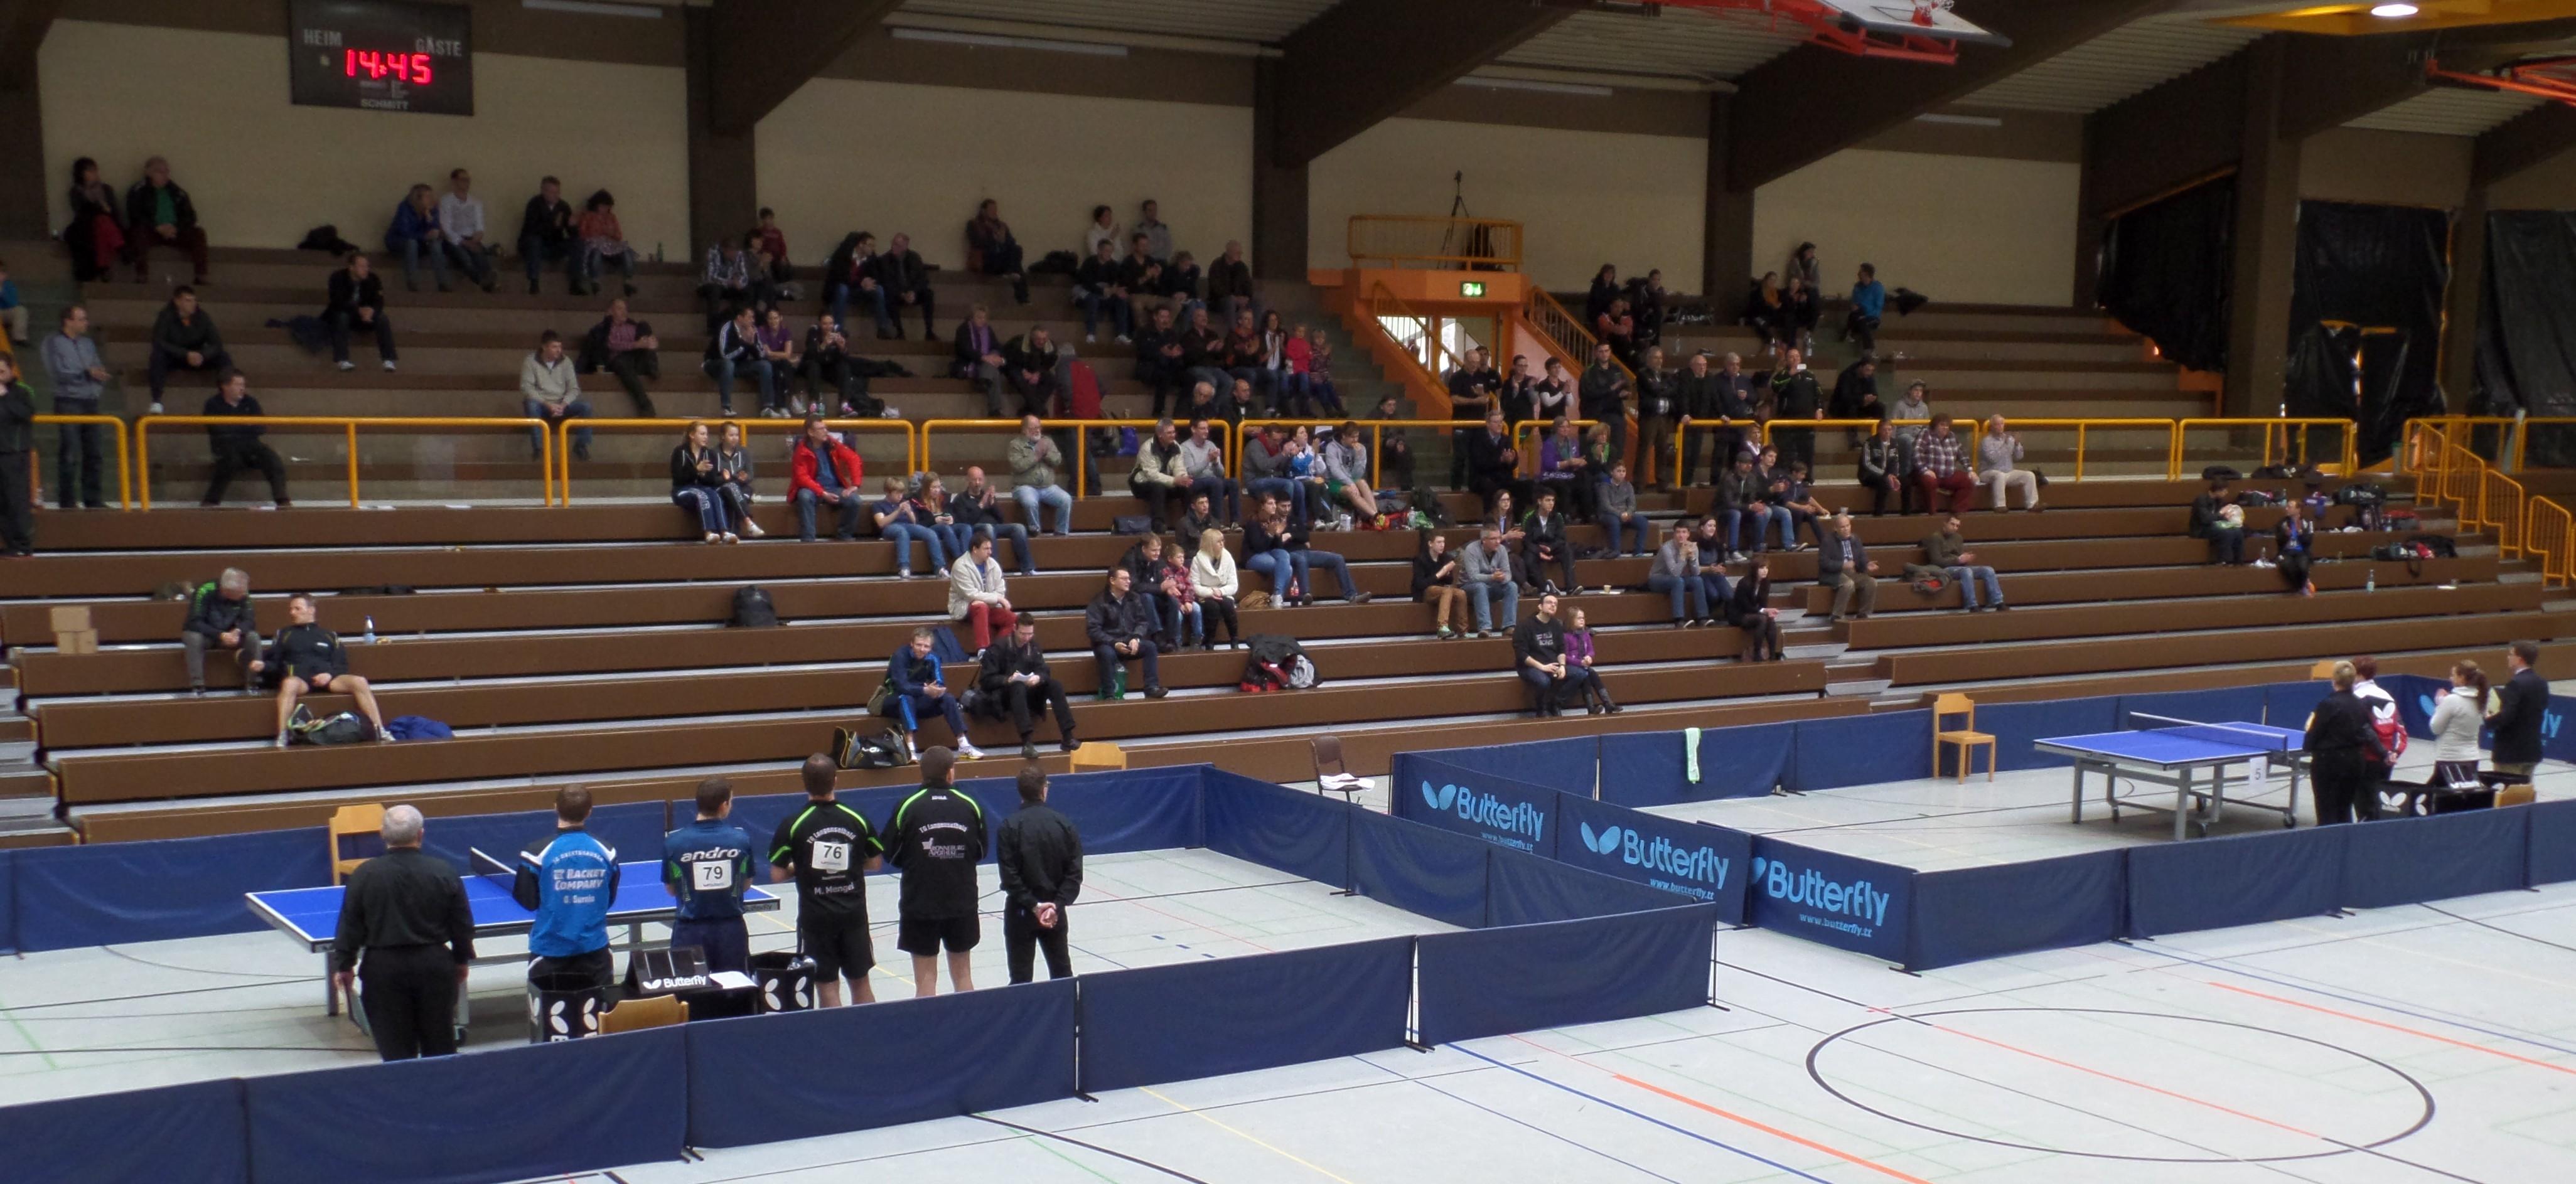 Blick in die Kreissporthalle Limburg kurz vor Beginn der Finals im Herren-Doppel und Damen-Einzel